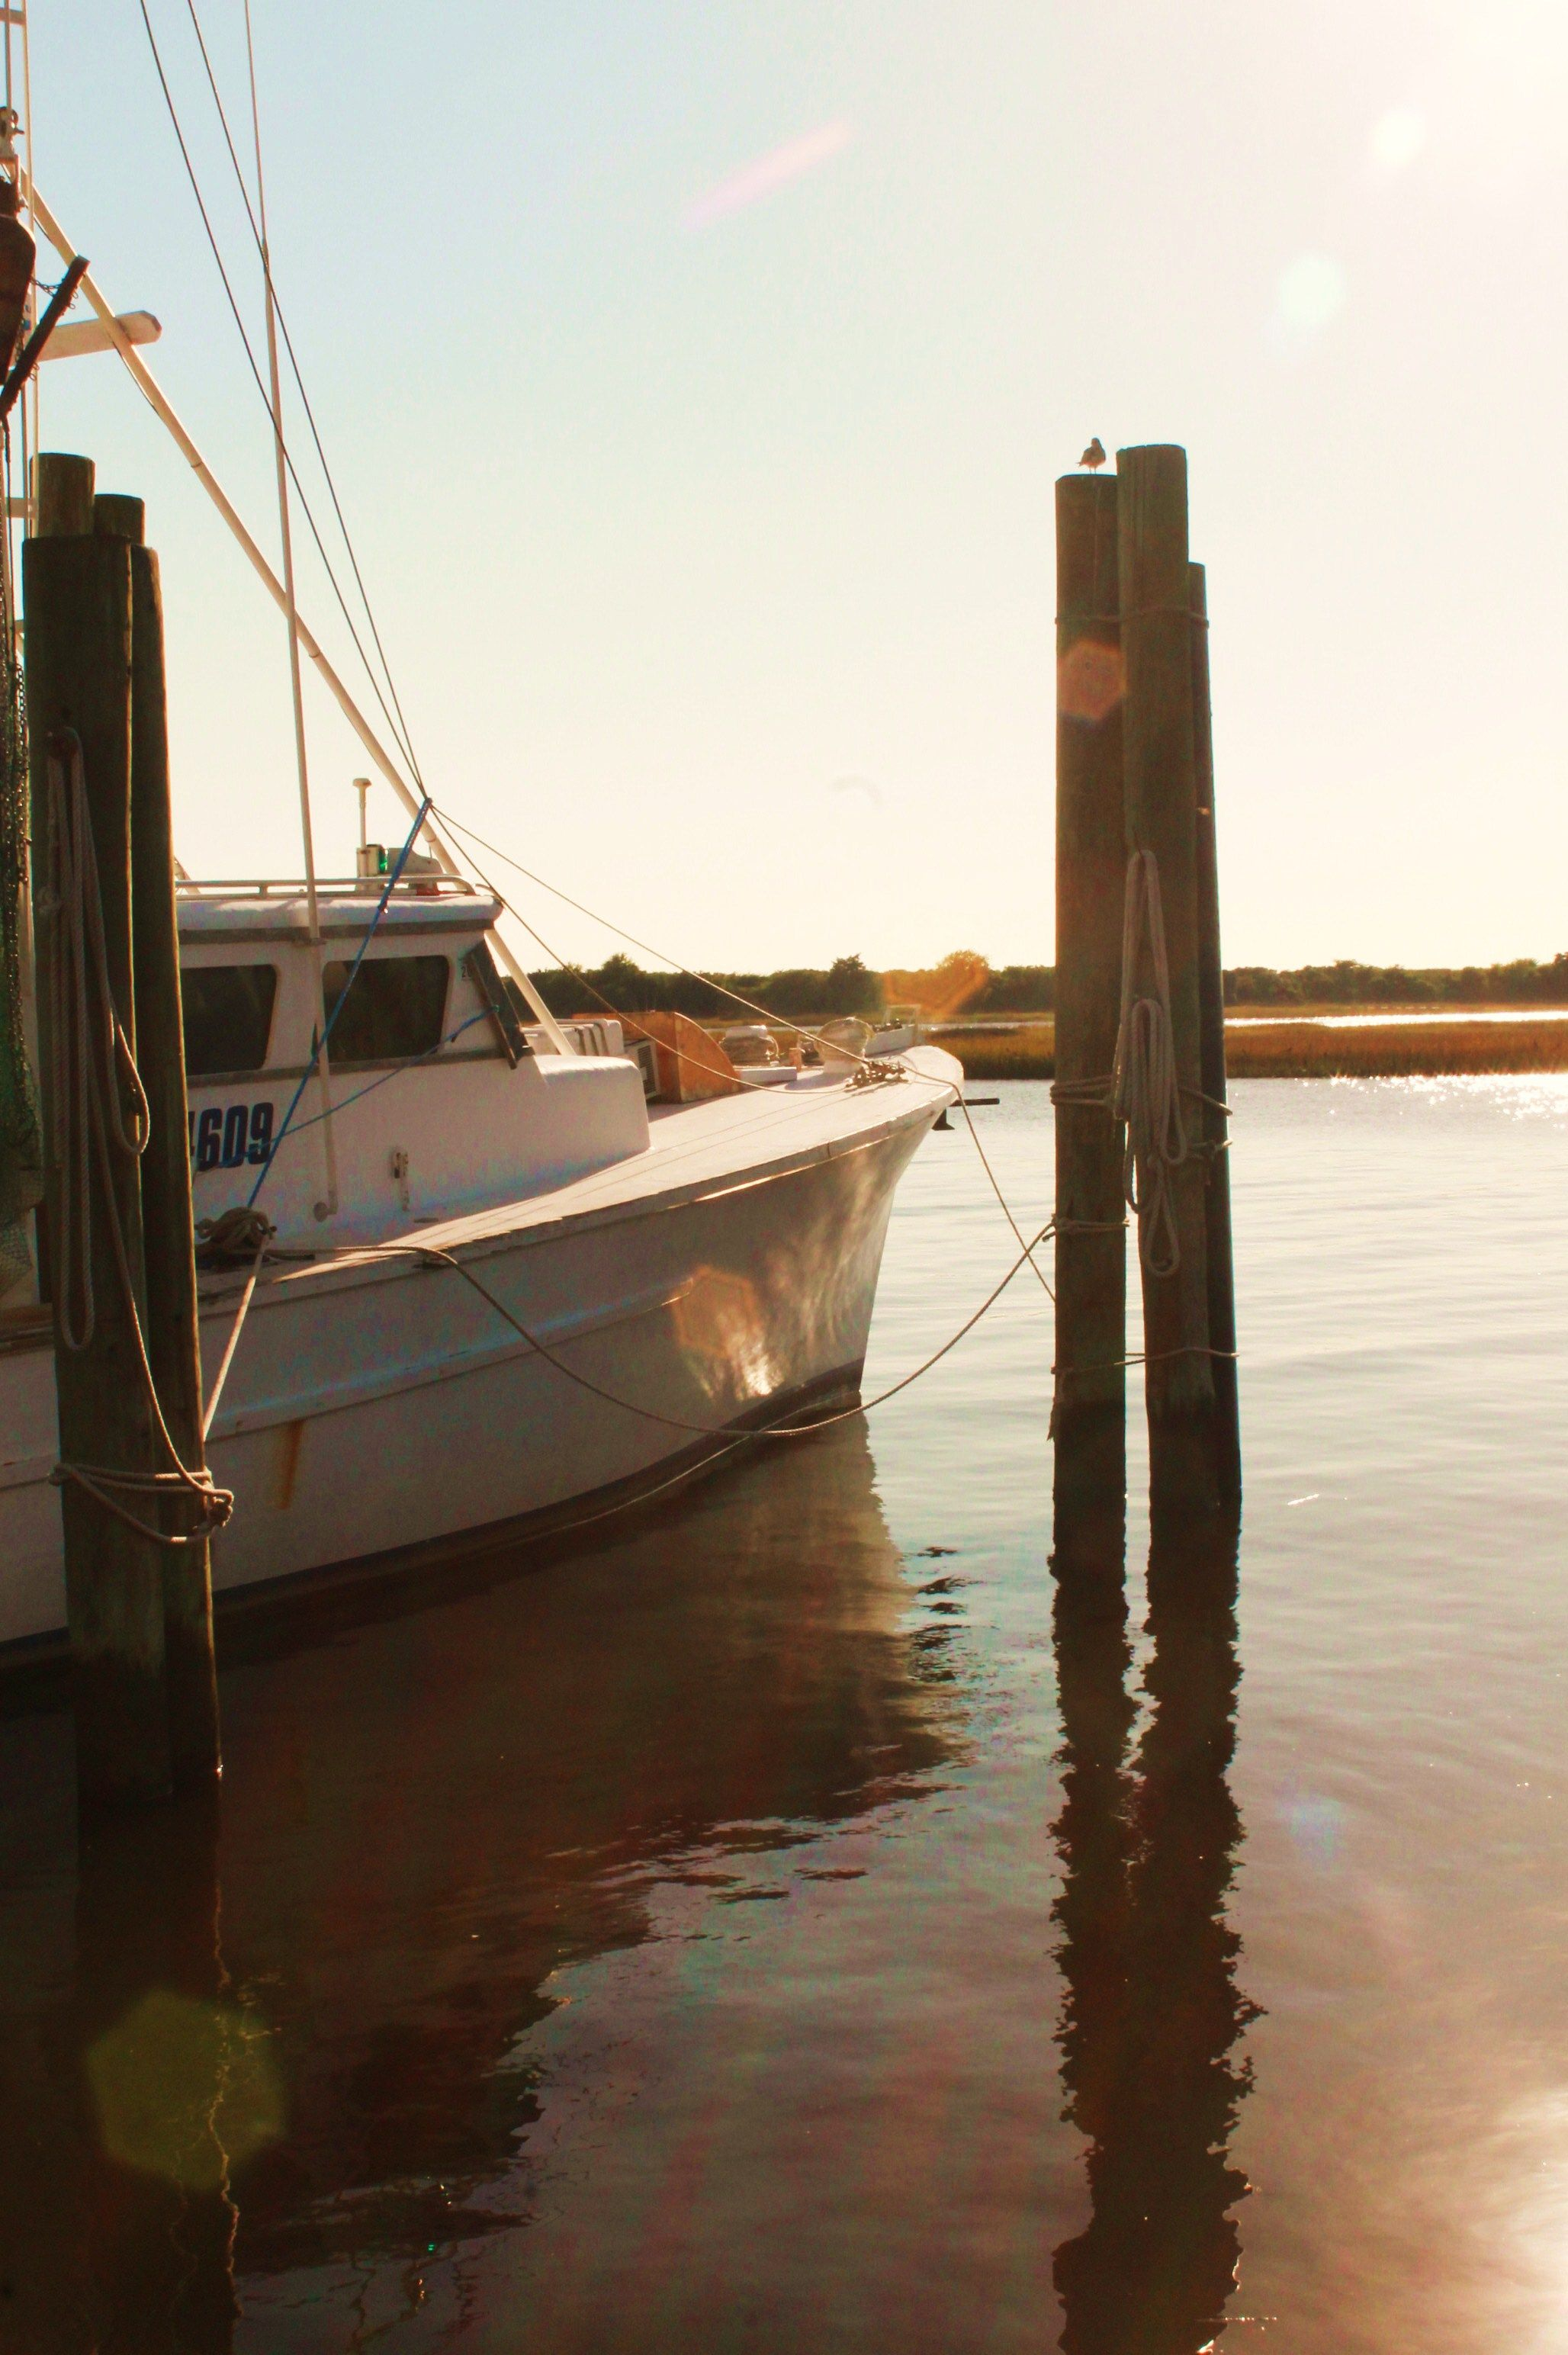 Cape Point Shrimp boat Southport NC Oct  13 2012 | Favorite Places